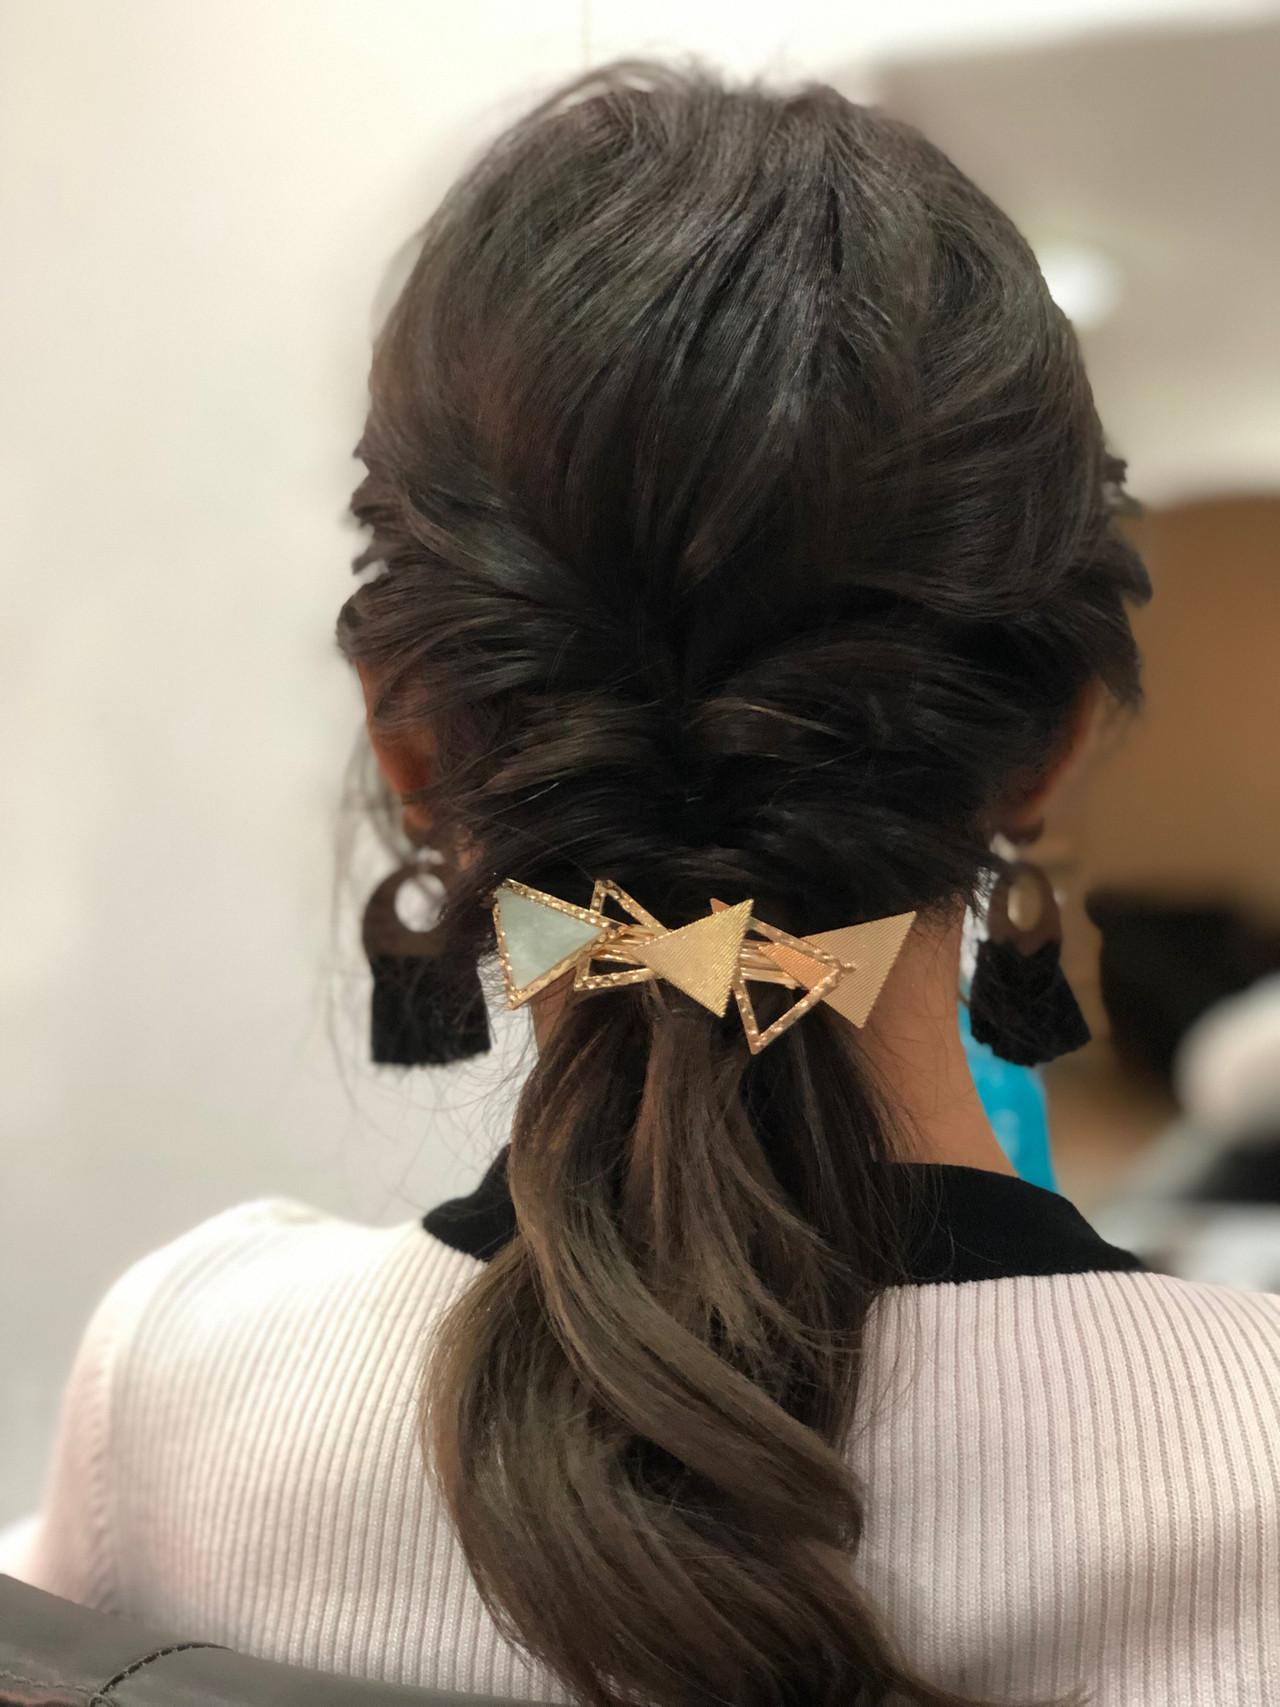 セミロング 簡単ヘアアレンジ フェミニン セルフヘアアレンジ ヘアスタイルや髪型の写真・画像